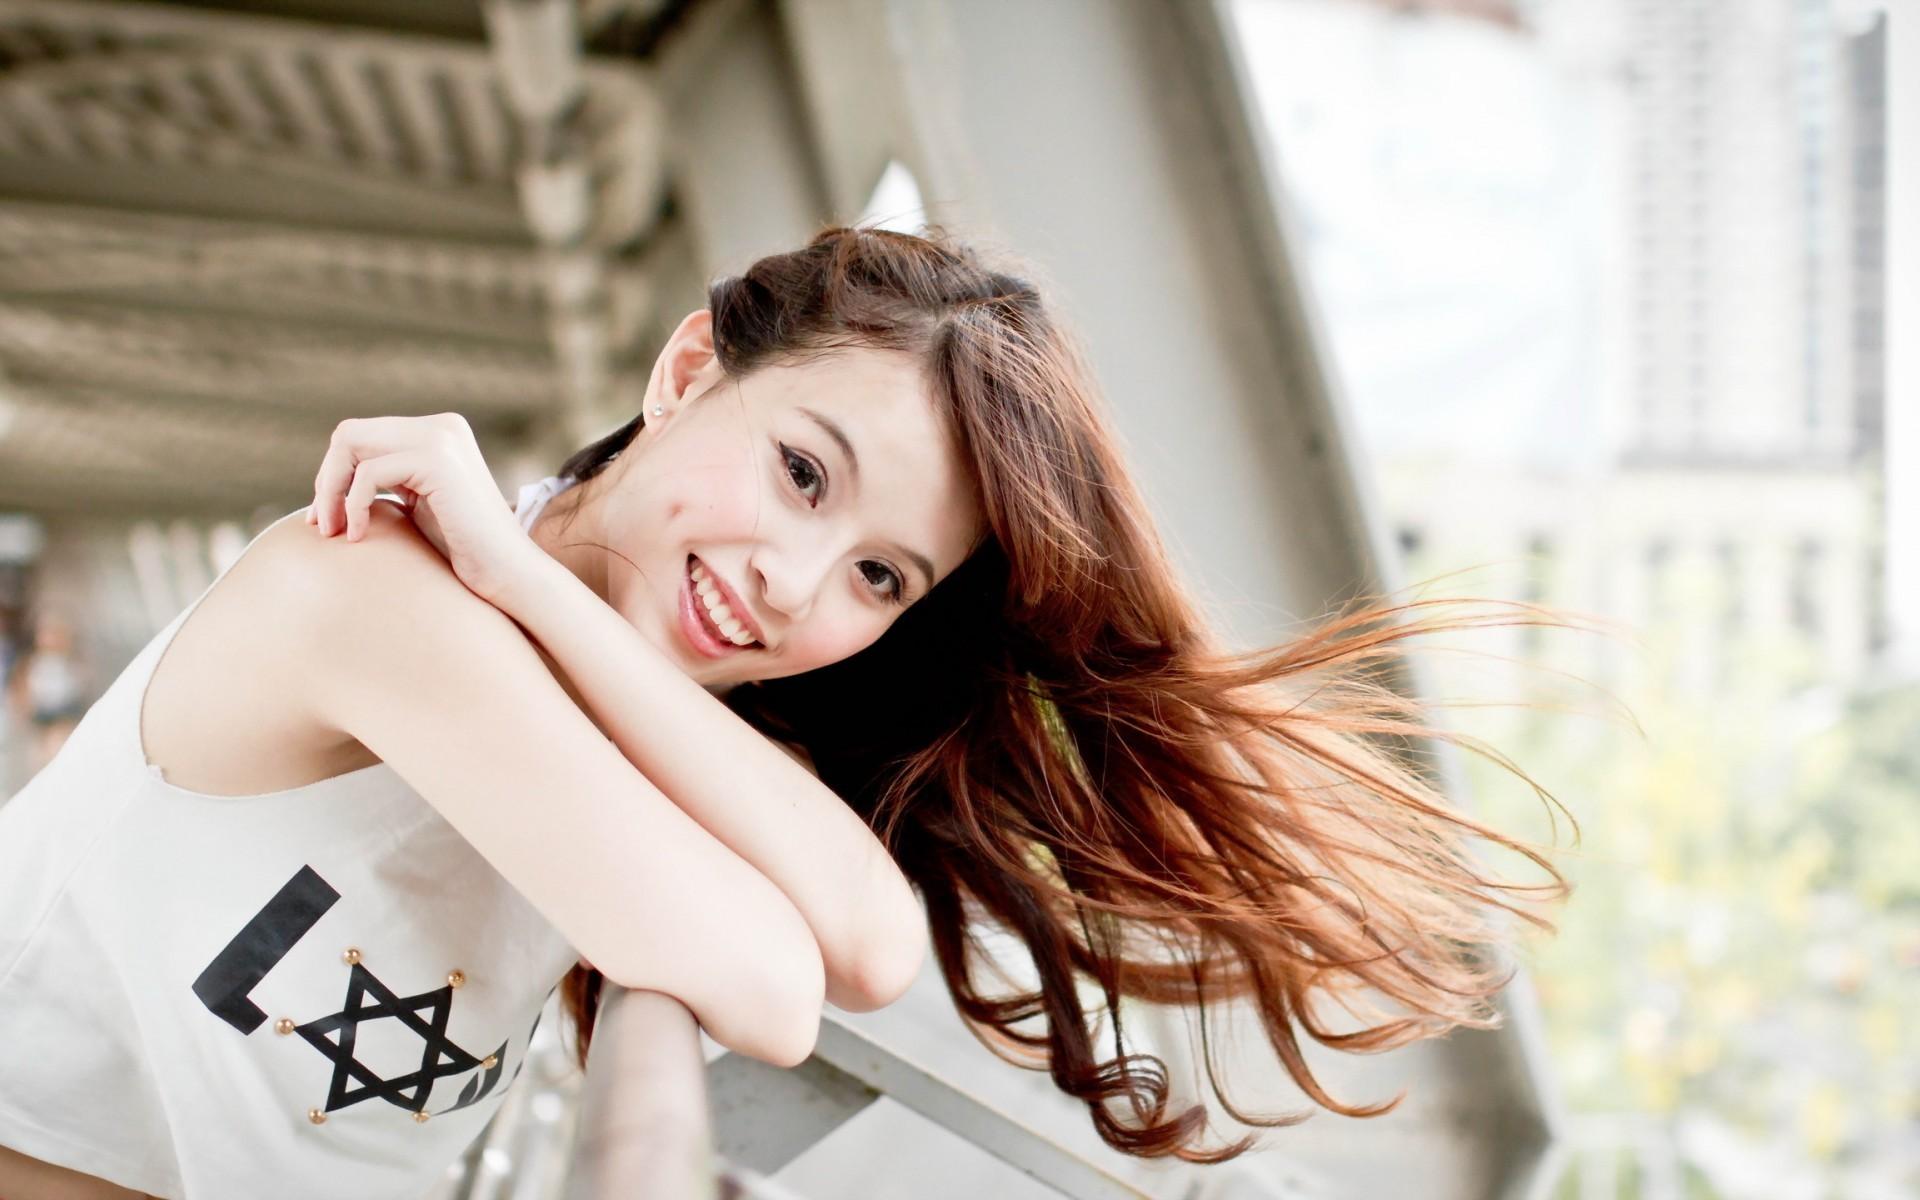 Người phụ nữ 40 tuổi tiết lộ bí quyết giúp hôn nhân hạnh phúc: Đừng dùng nhan sắc để giữ chồng - Ảnh 4